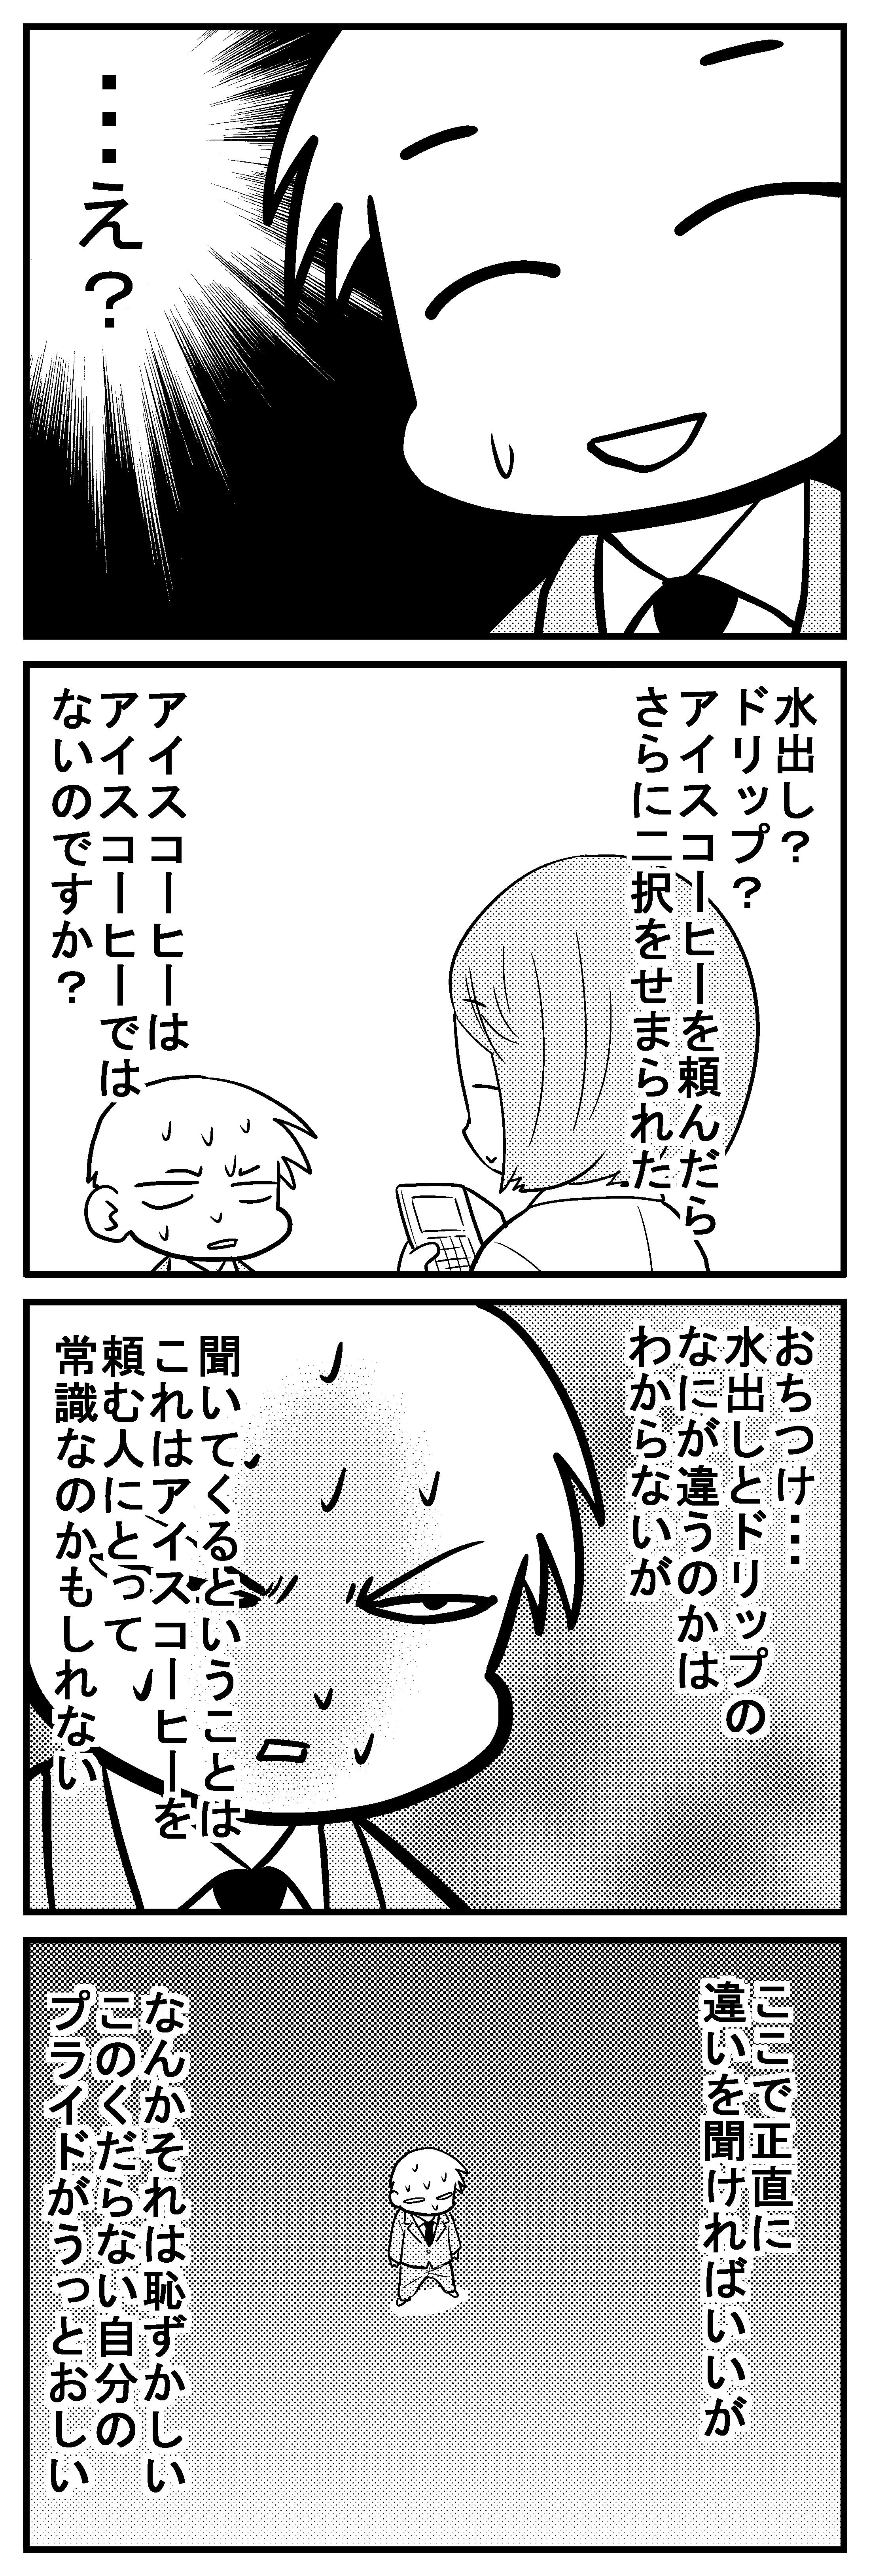 深読みくん44-2